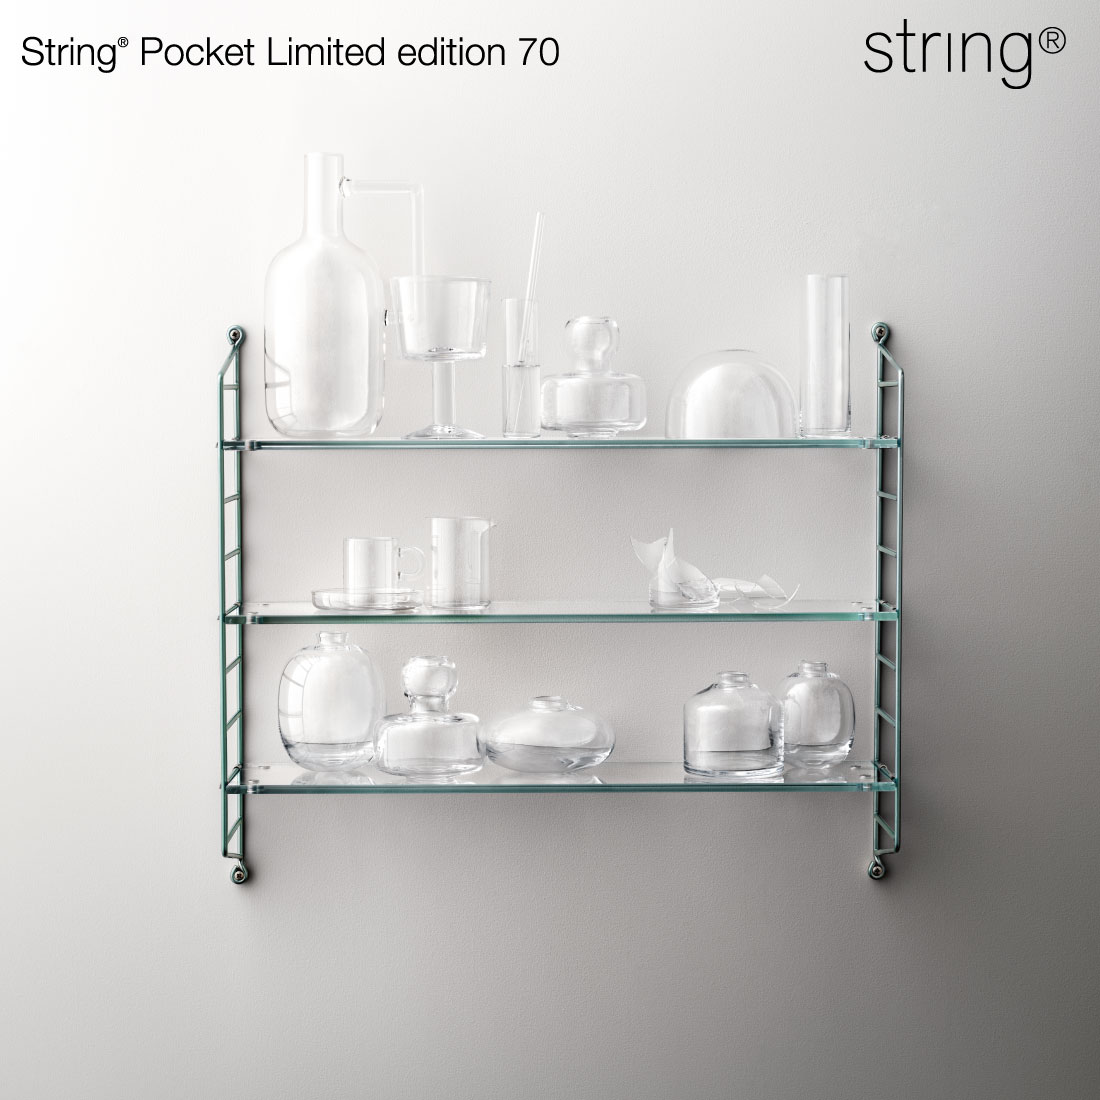 【String/ストリング】String Pocket 70周年リミテッドエディション/String Pocket Limited Edition 70/ニルス・ストリニング/マッツ・テセリウス/ストリングポケット/ガラス製/シェルフ/棚/リビング/ストリングシェルフ/収納/本棚